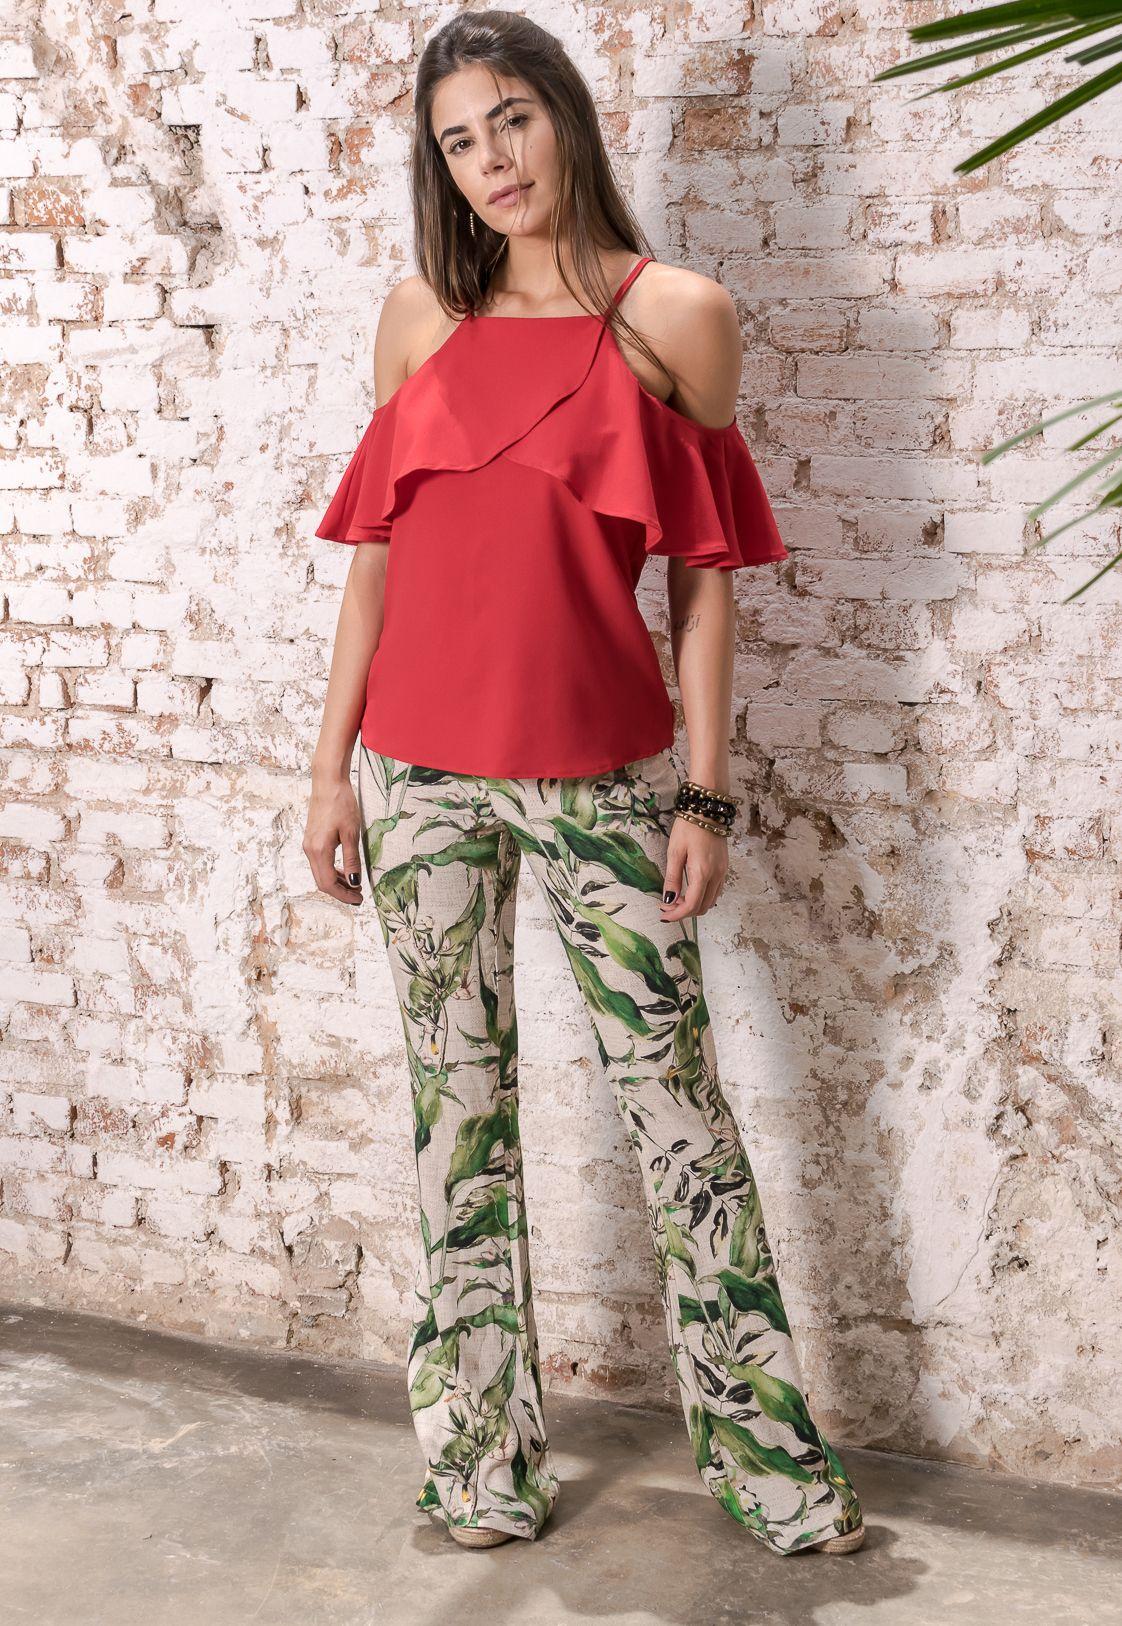 #debrummodas #verão #coleção #calça #floral #blusa #openshoulder #modafeminina #moda #style #estilo #fashion